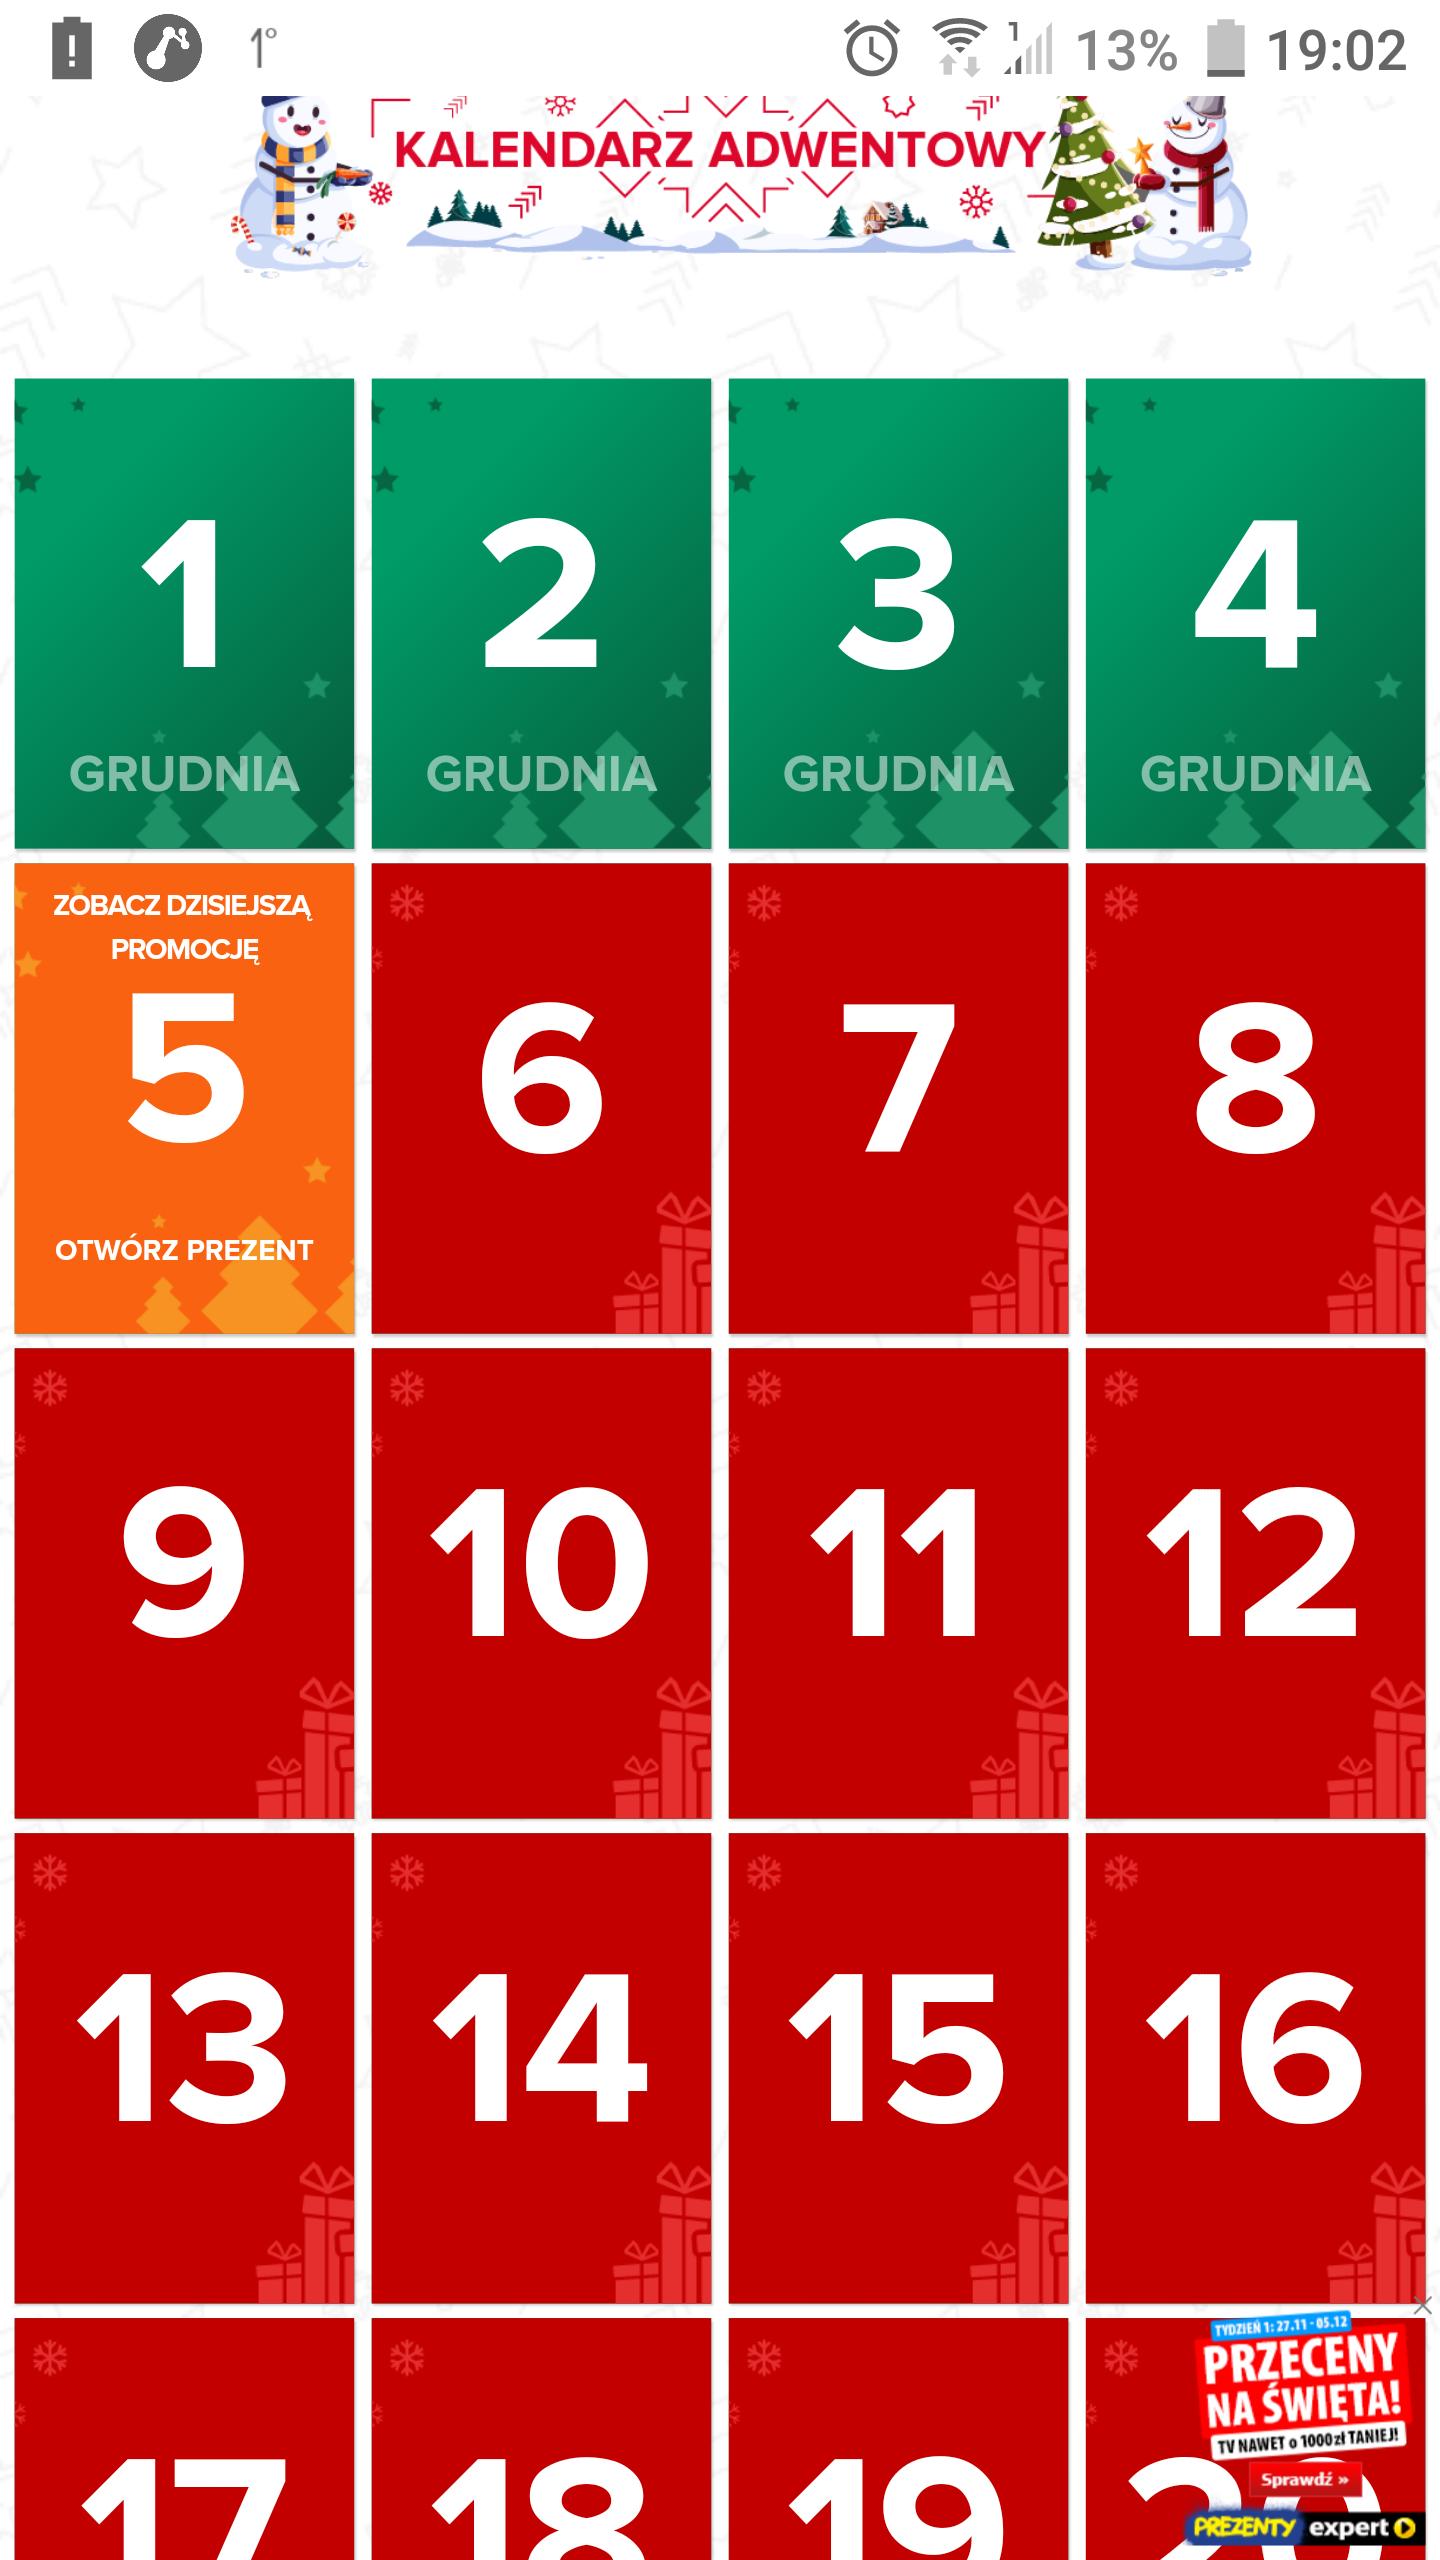 Kalendarz adwentowy Ceneo